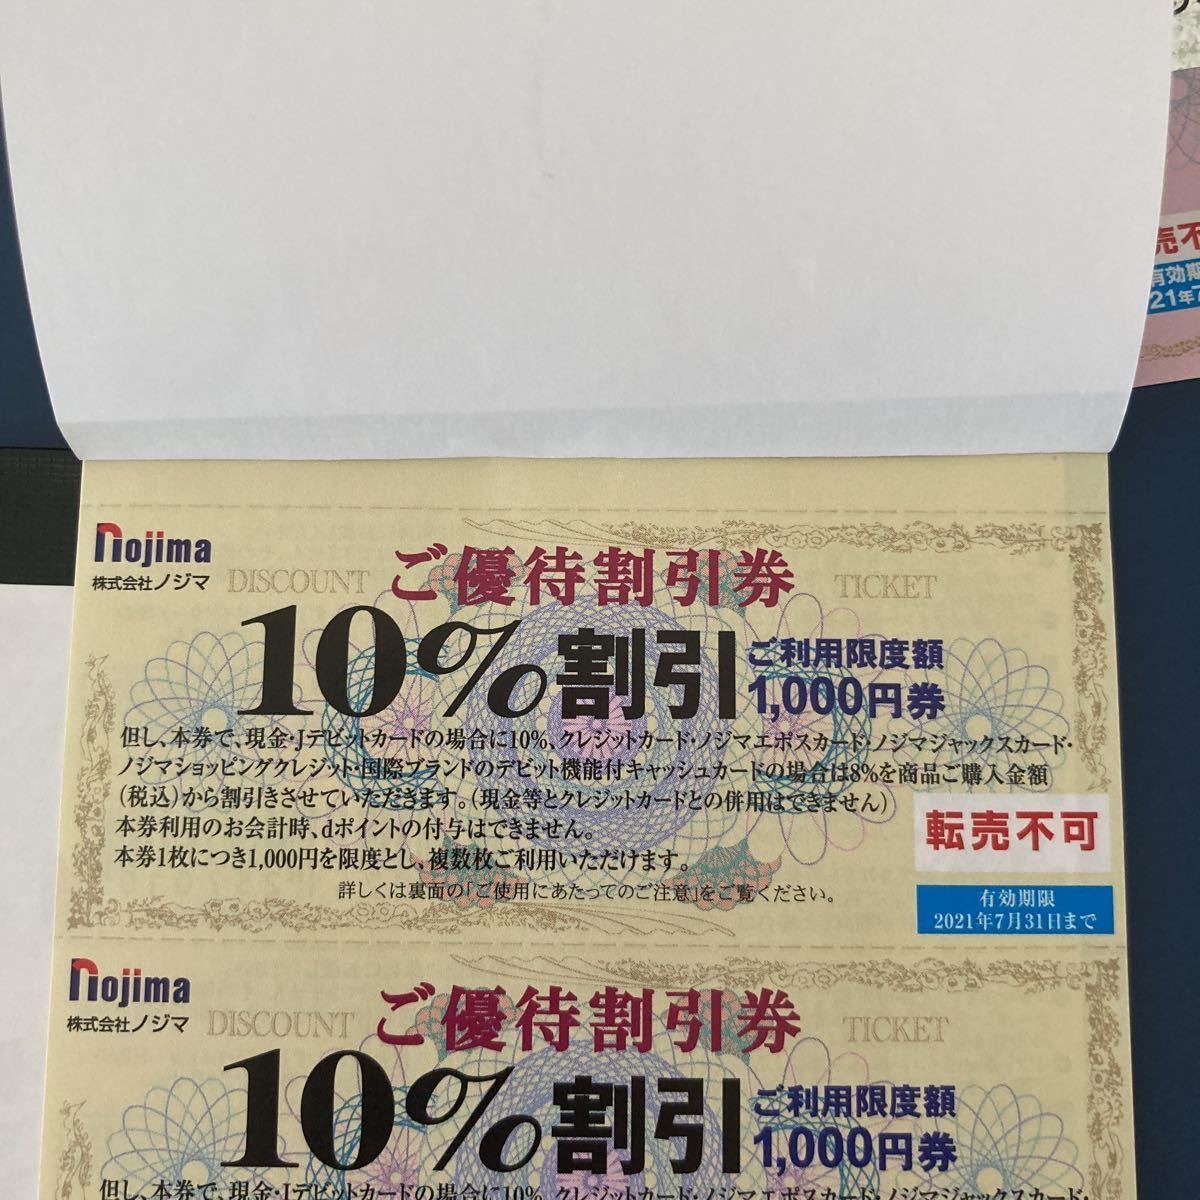 送料無料★ノジマ株主優待10%割引券25枚 Nojima _画像2